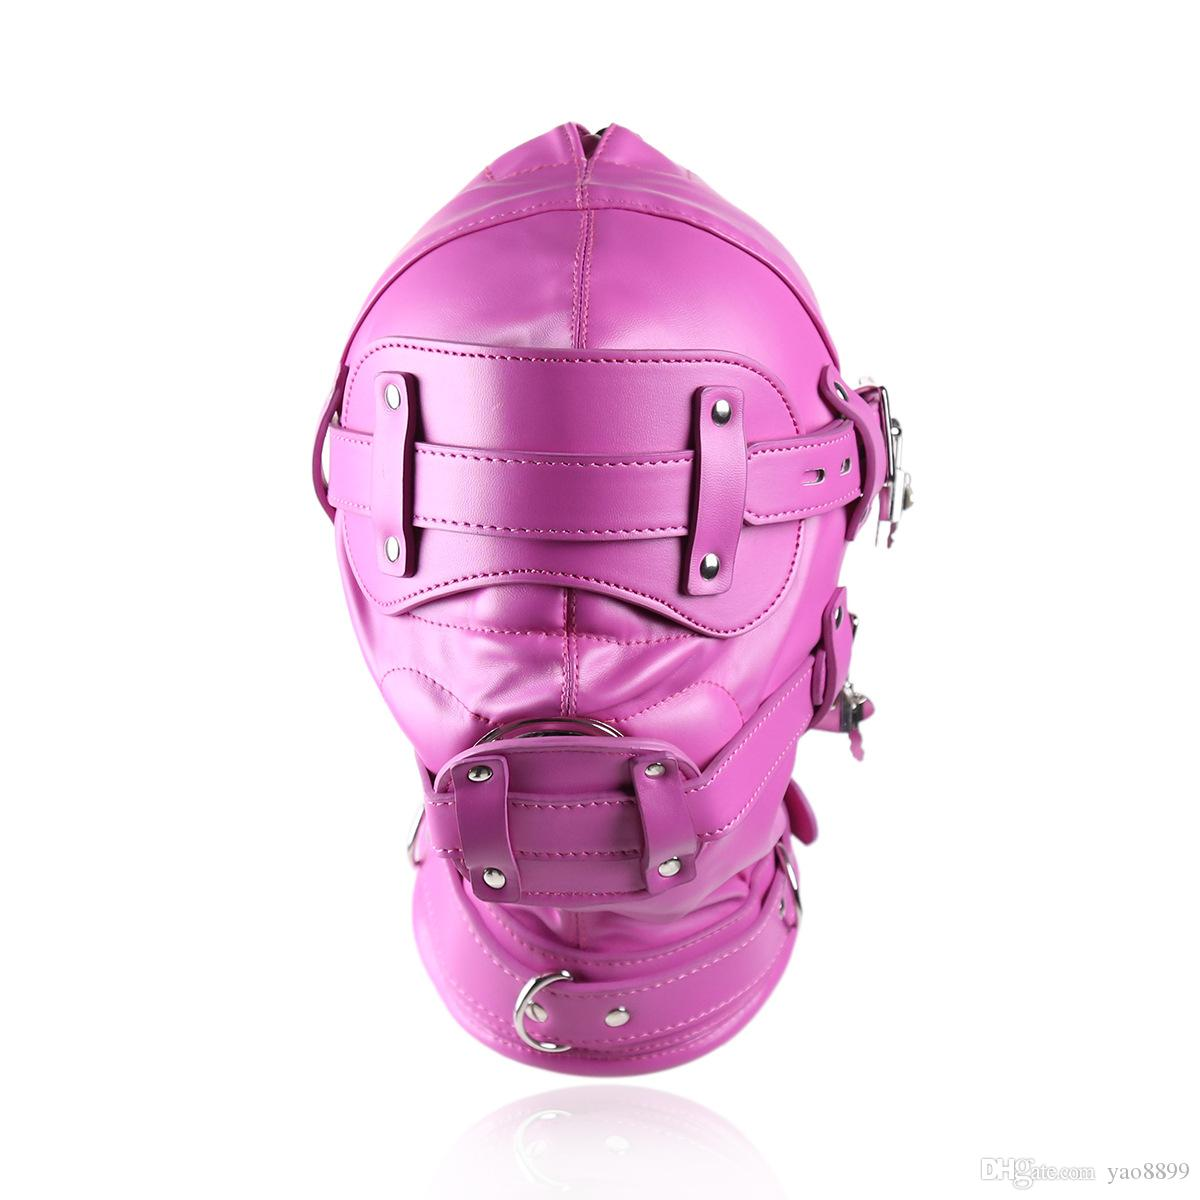 Кожа Hood Эротика Секс Садо-мазо Бандаж для взрослых играть в игры полнолицевые маски Fetish Face завязанными глазами на пару игр